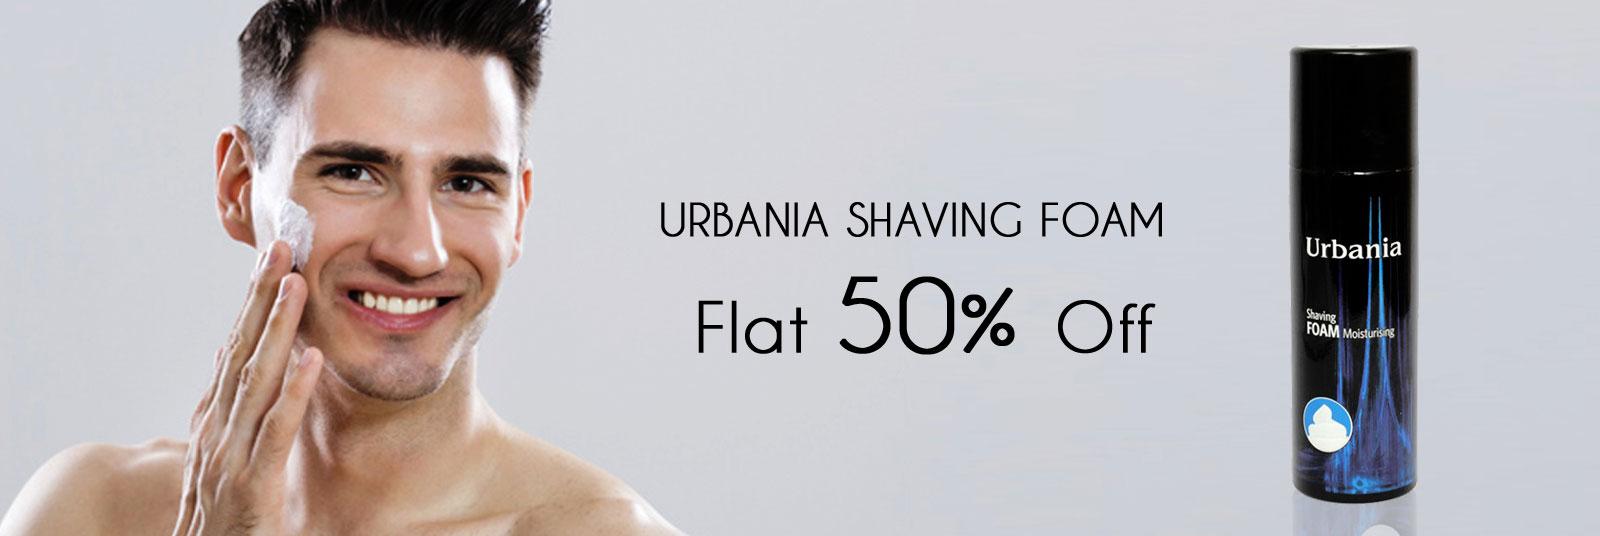 Urbania Shaving Foam